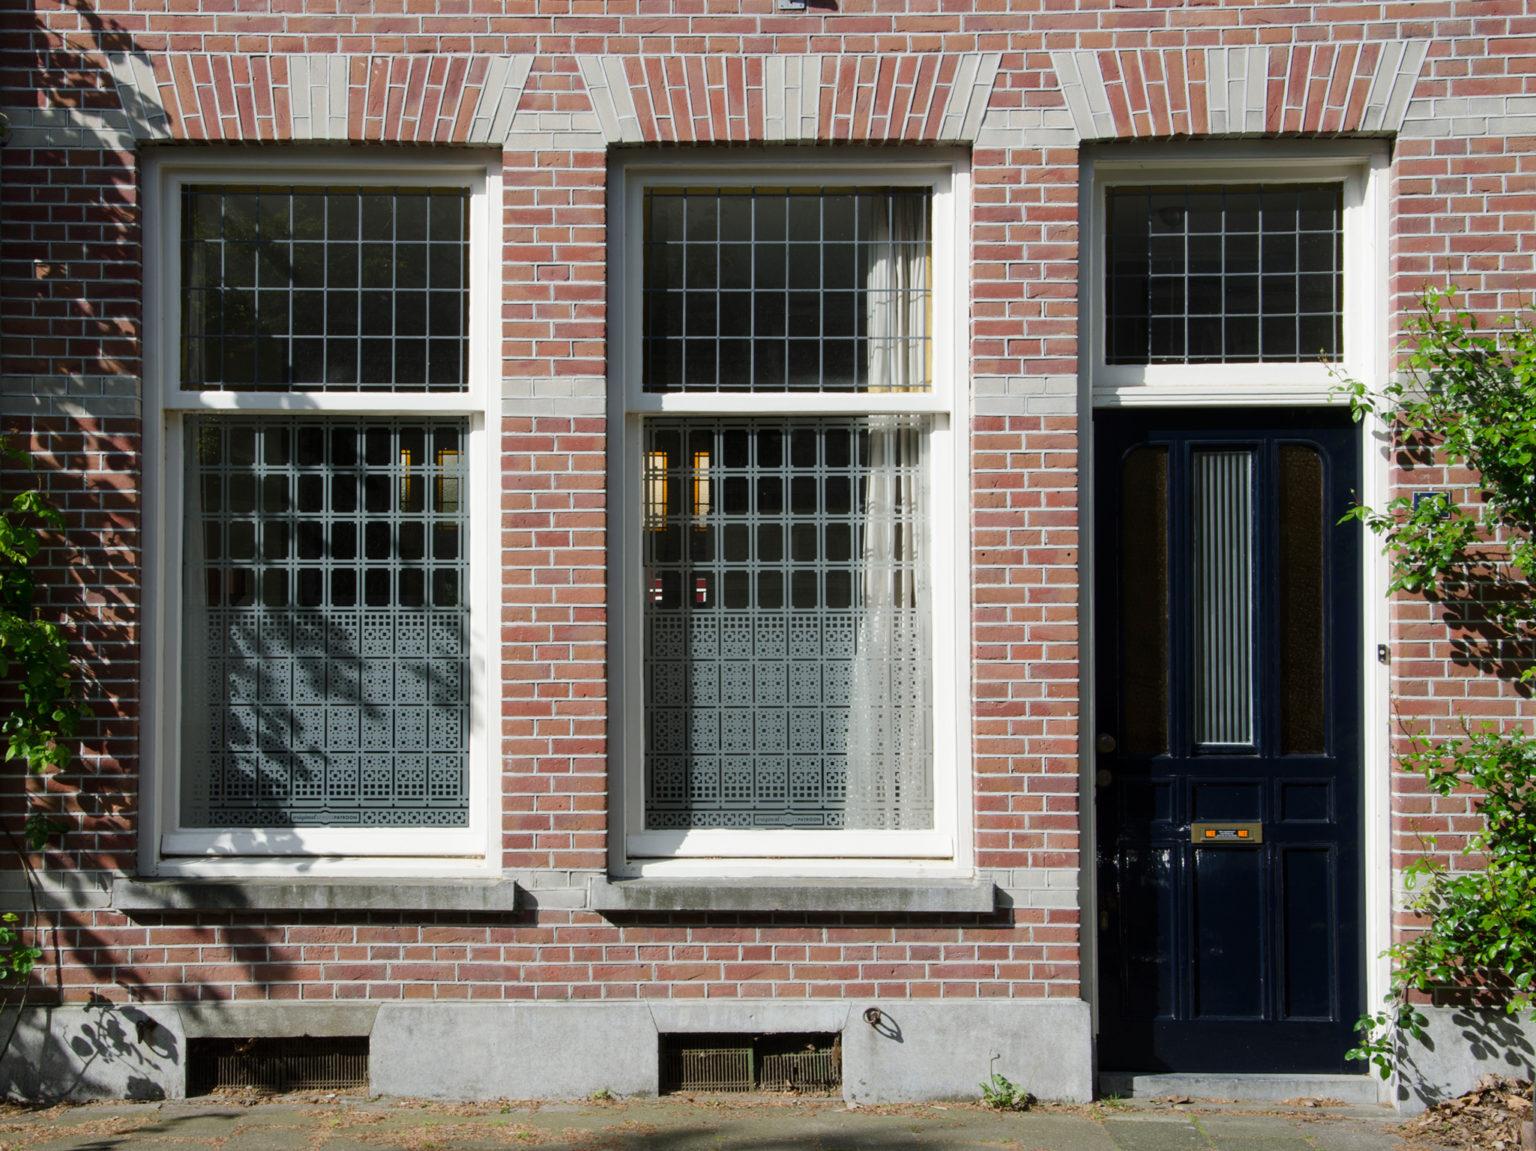 op maat ontworpen raamfolie patroon / schutspatroon voor woonkamer van buiten gezien